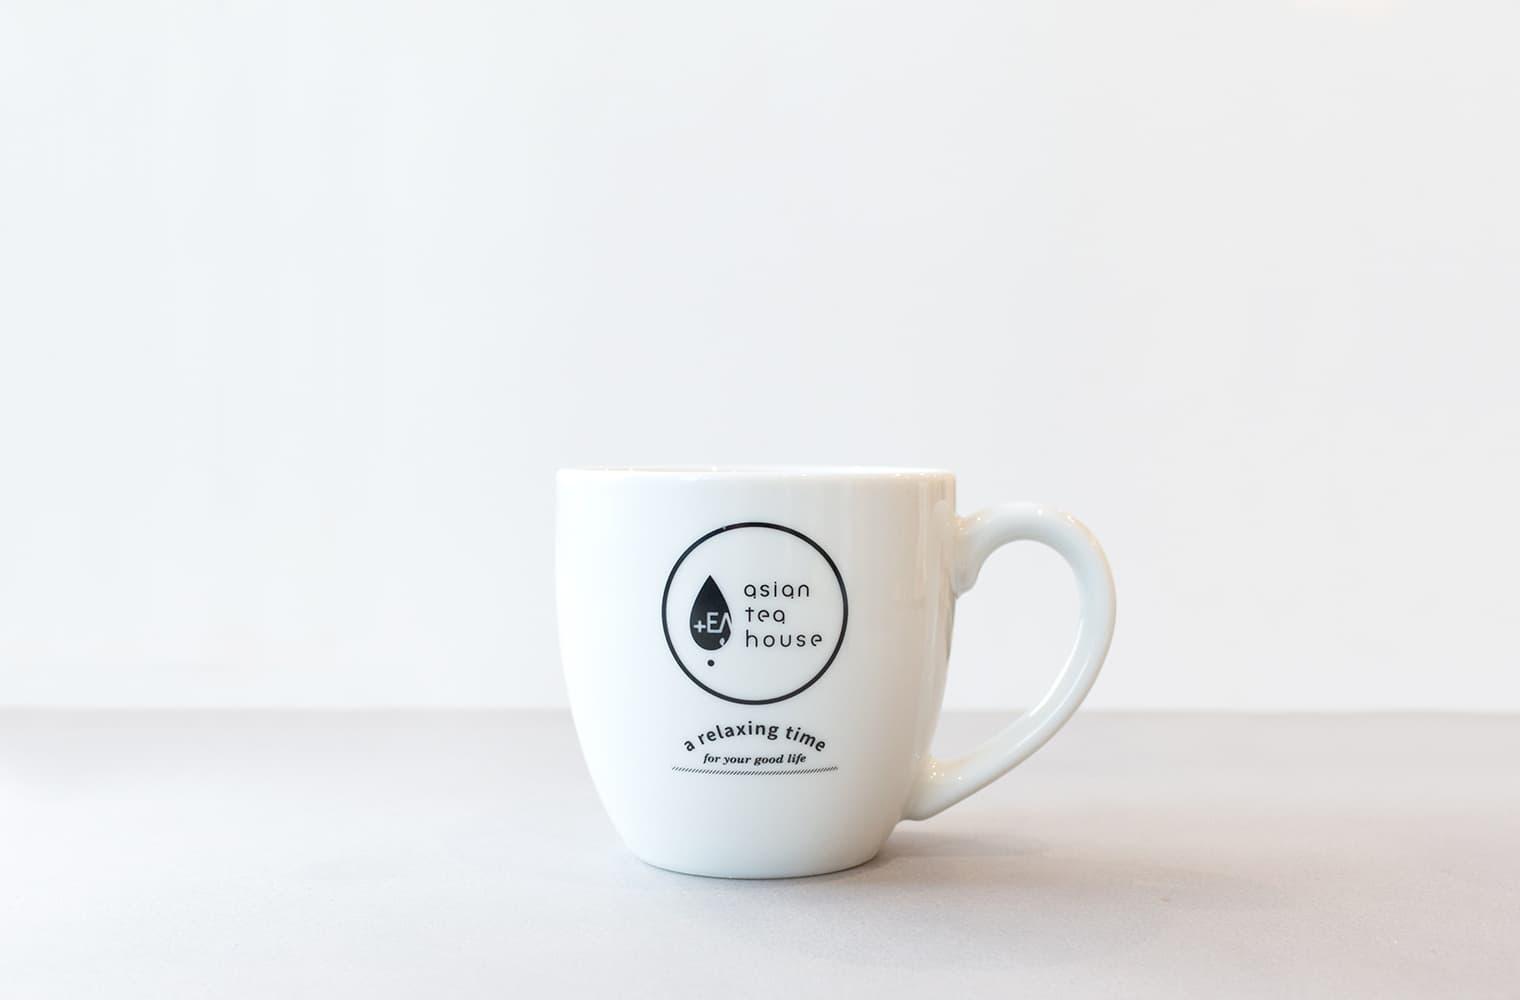 3 1 - ตัวอย่างป้ายเมนูเครื่องดื่มกาแฟ เมนูอาหารดีไซน์สไตล์ญี่ปุ่น